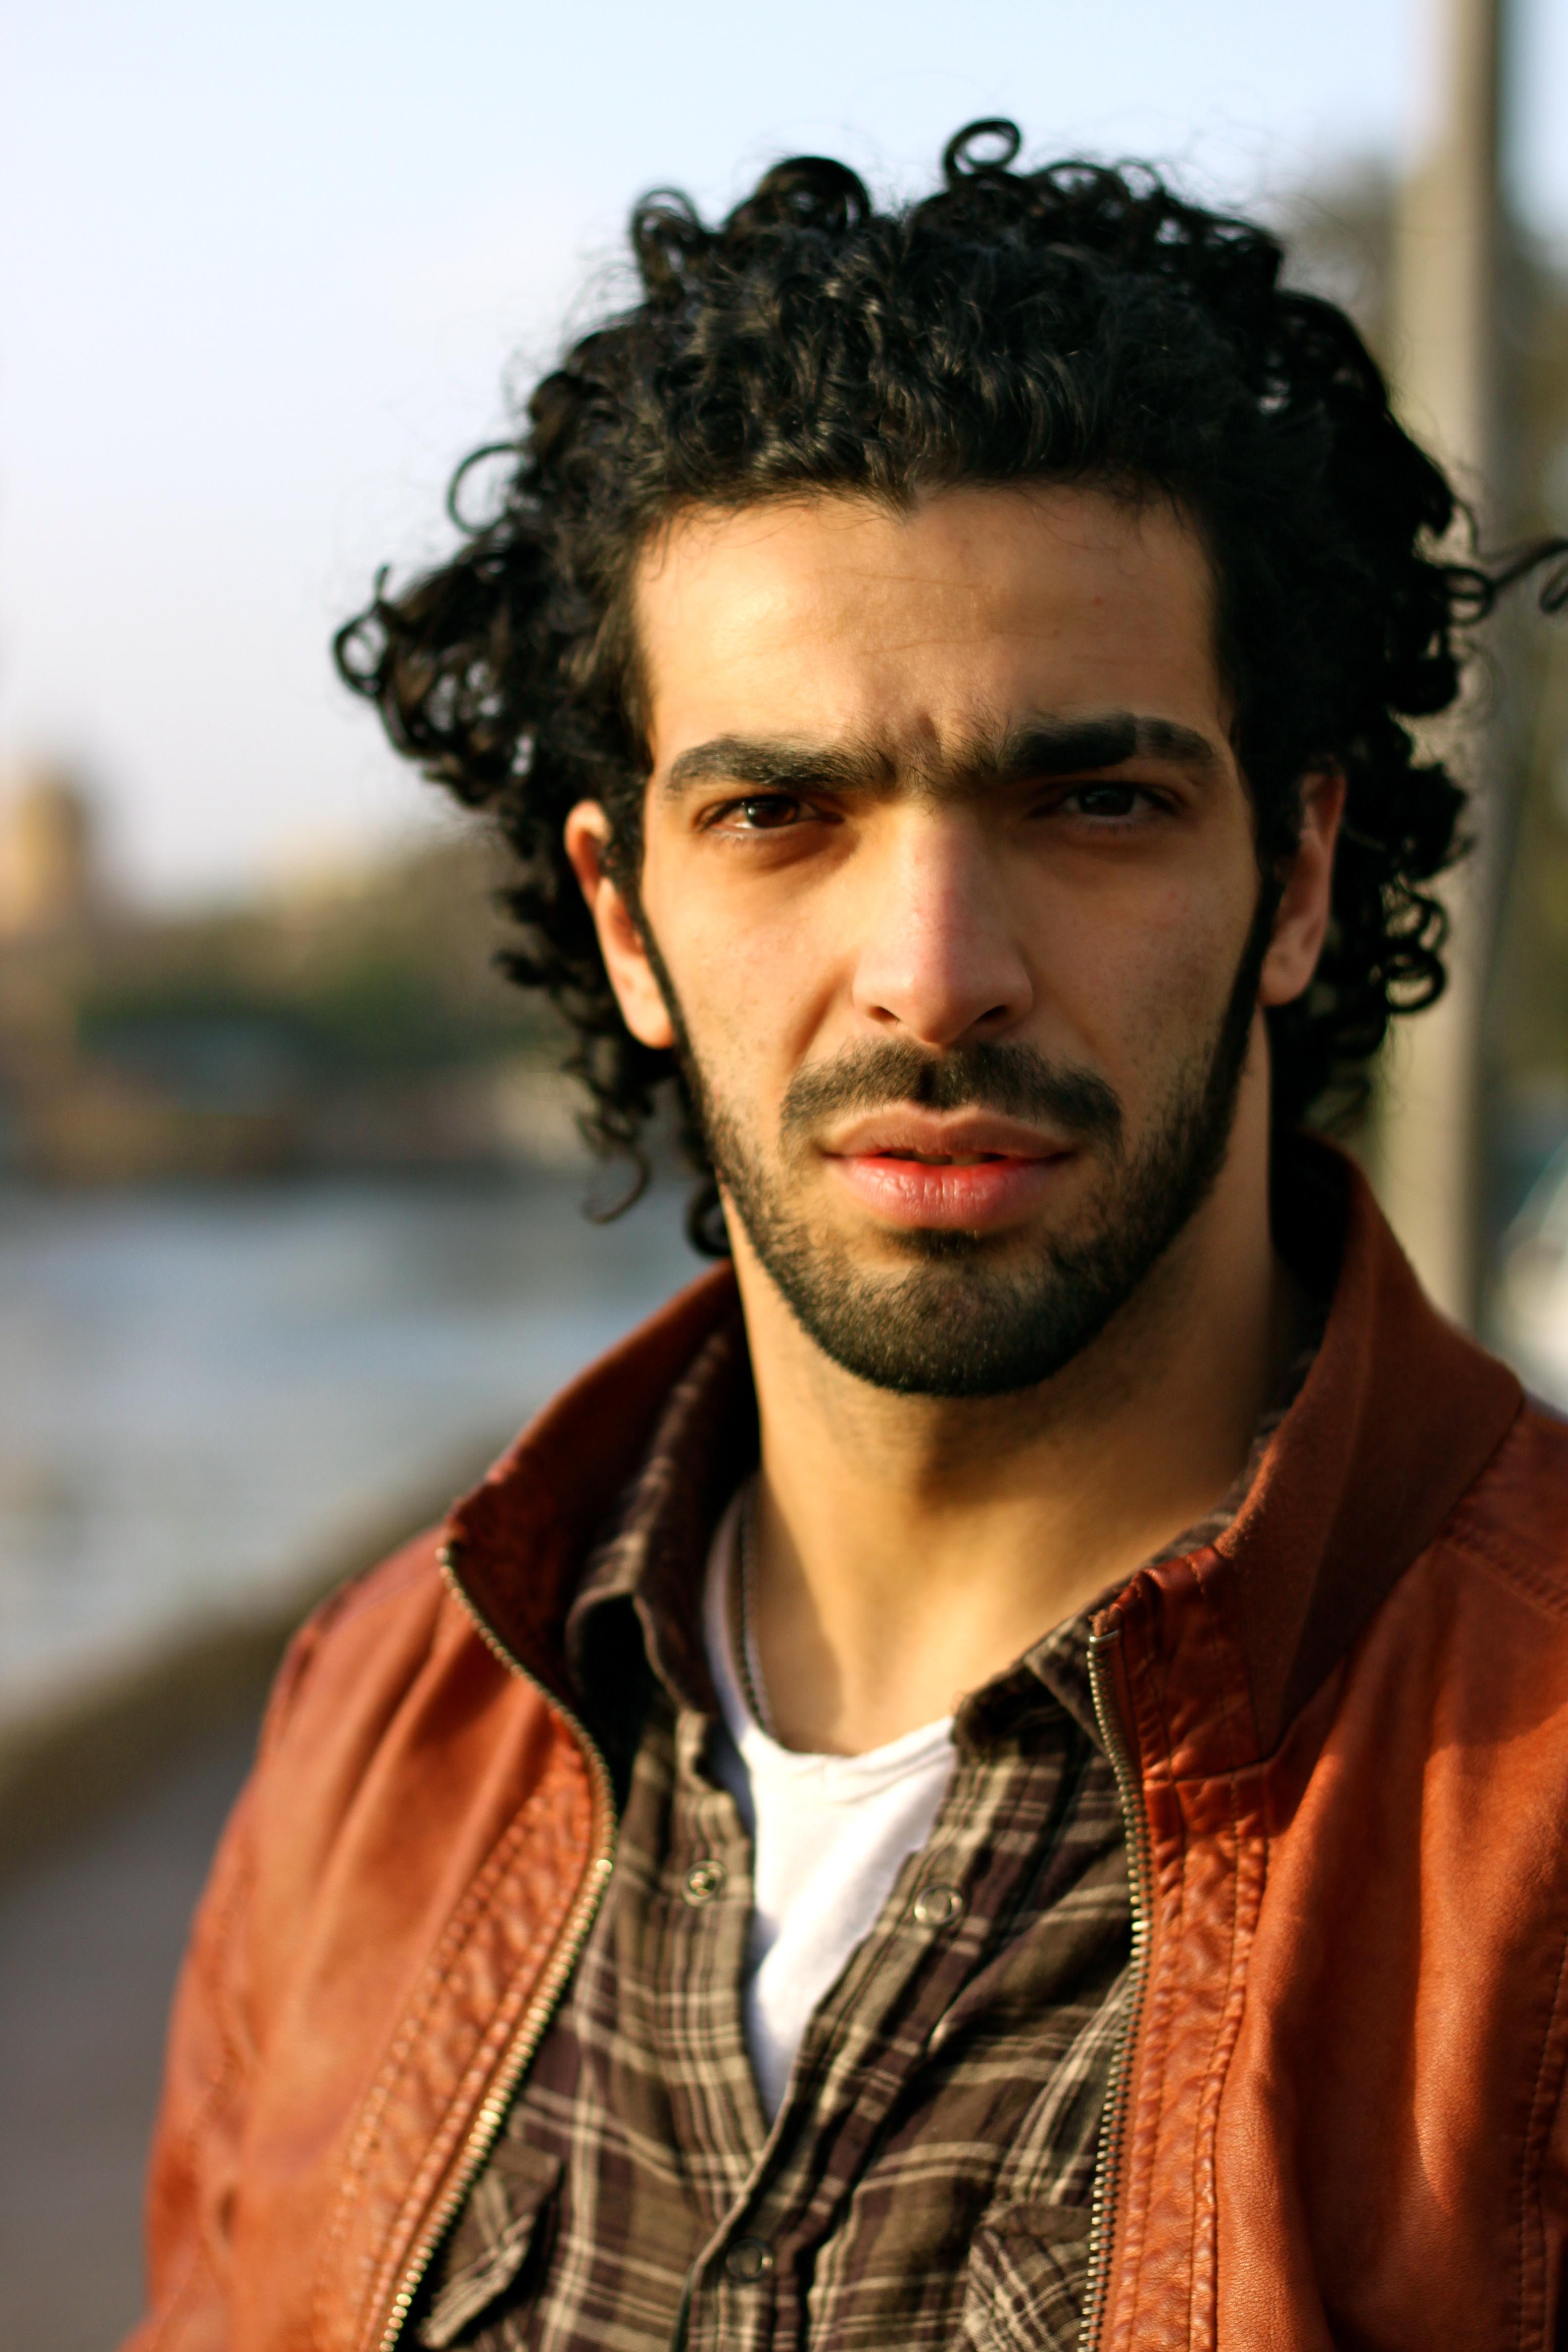 egyptian singer.jpeg